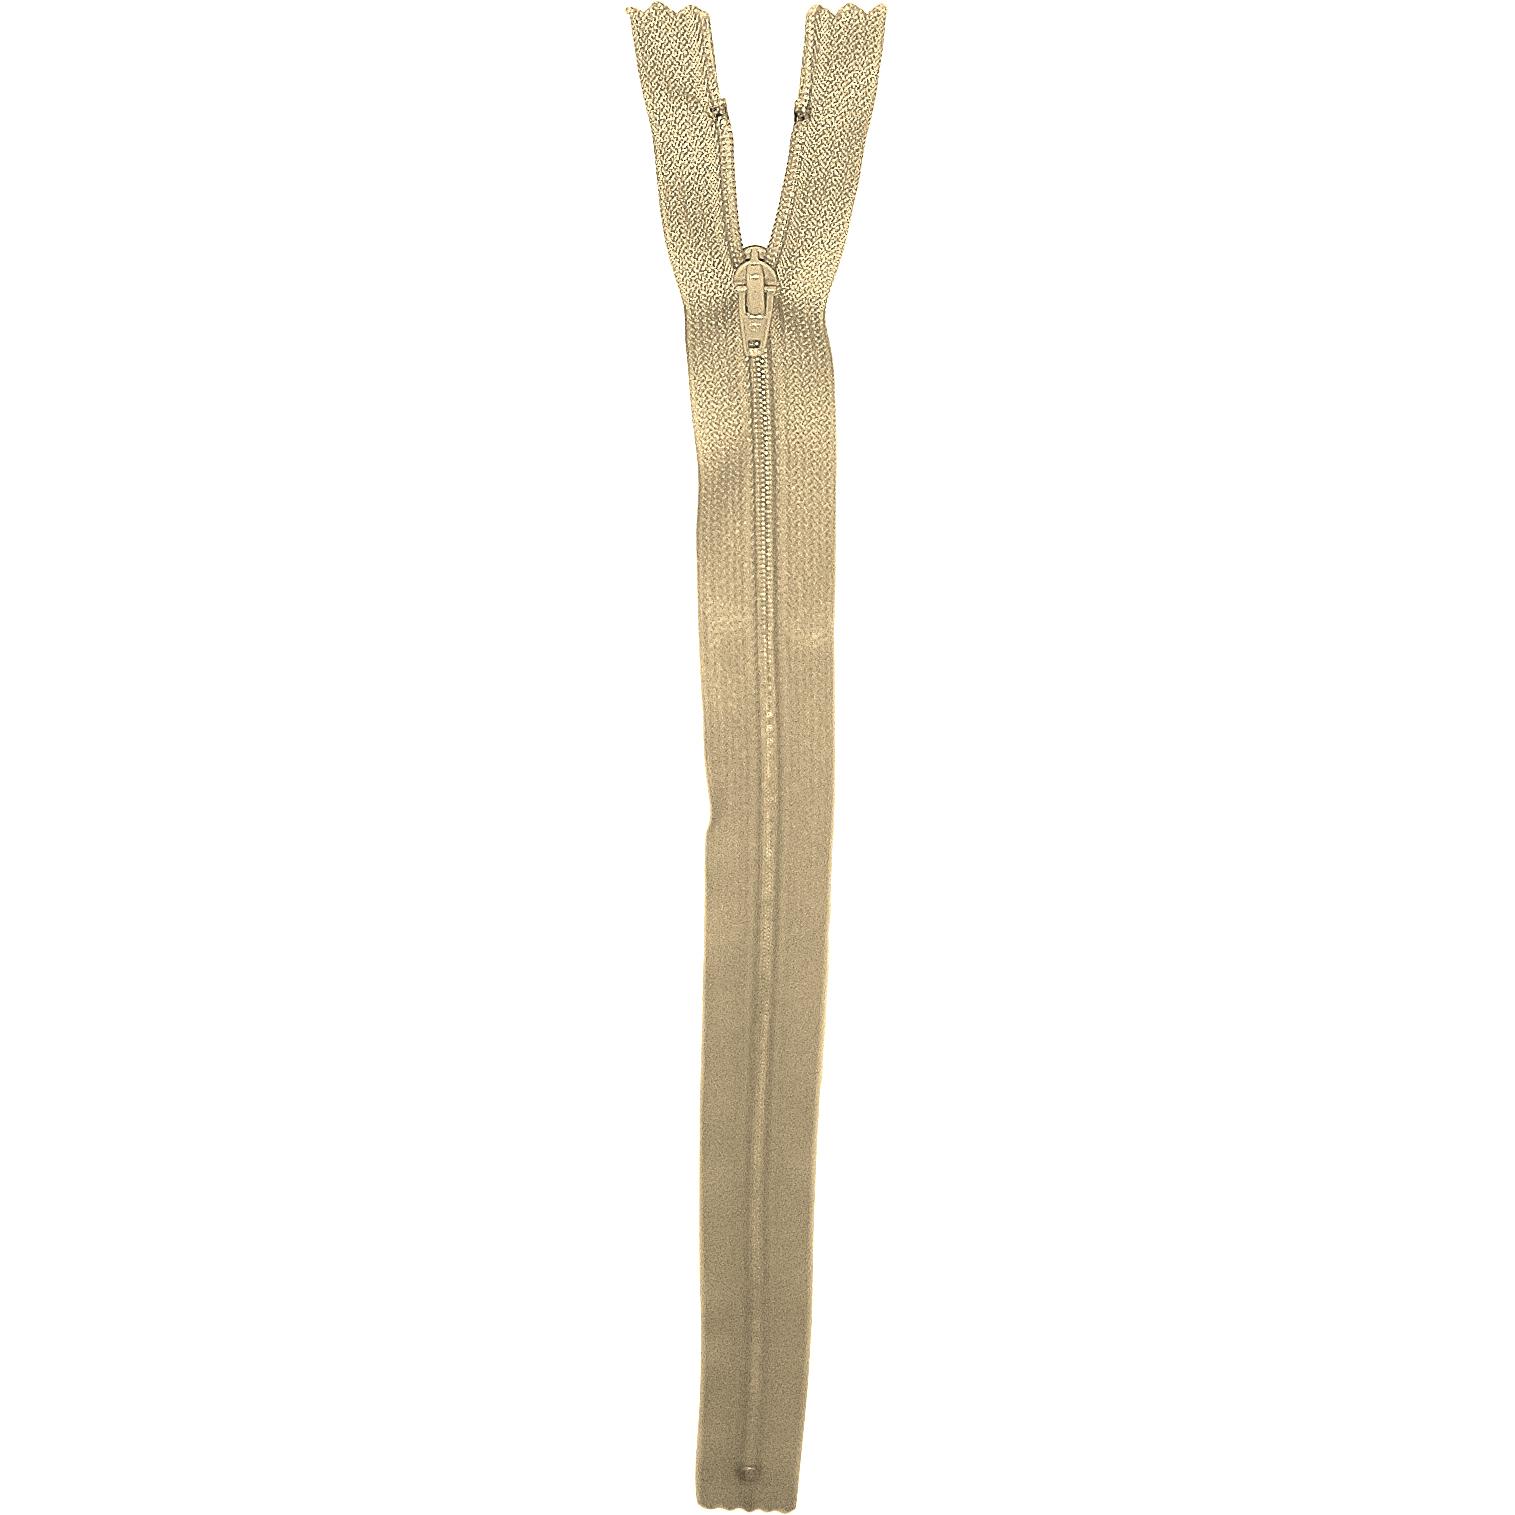 Precut Zipper 18 inch